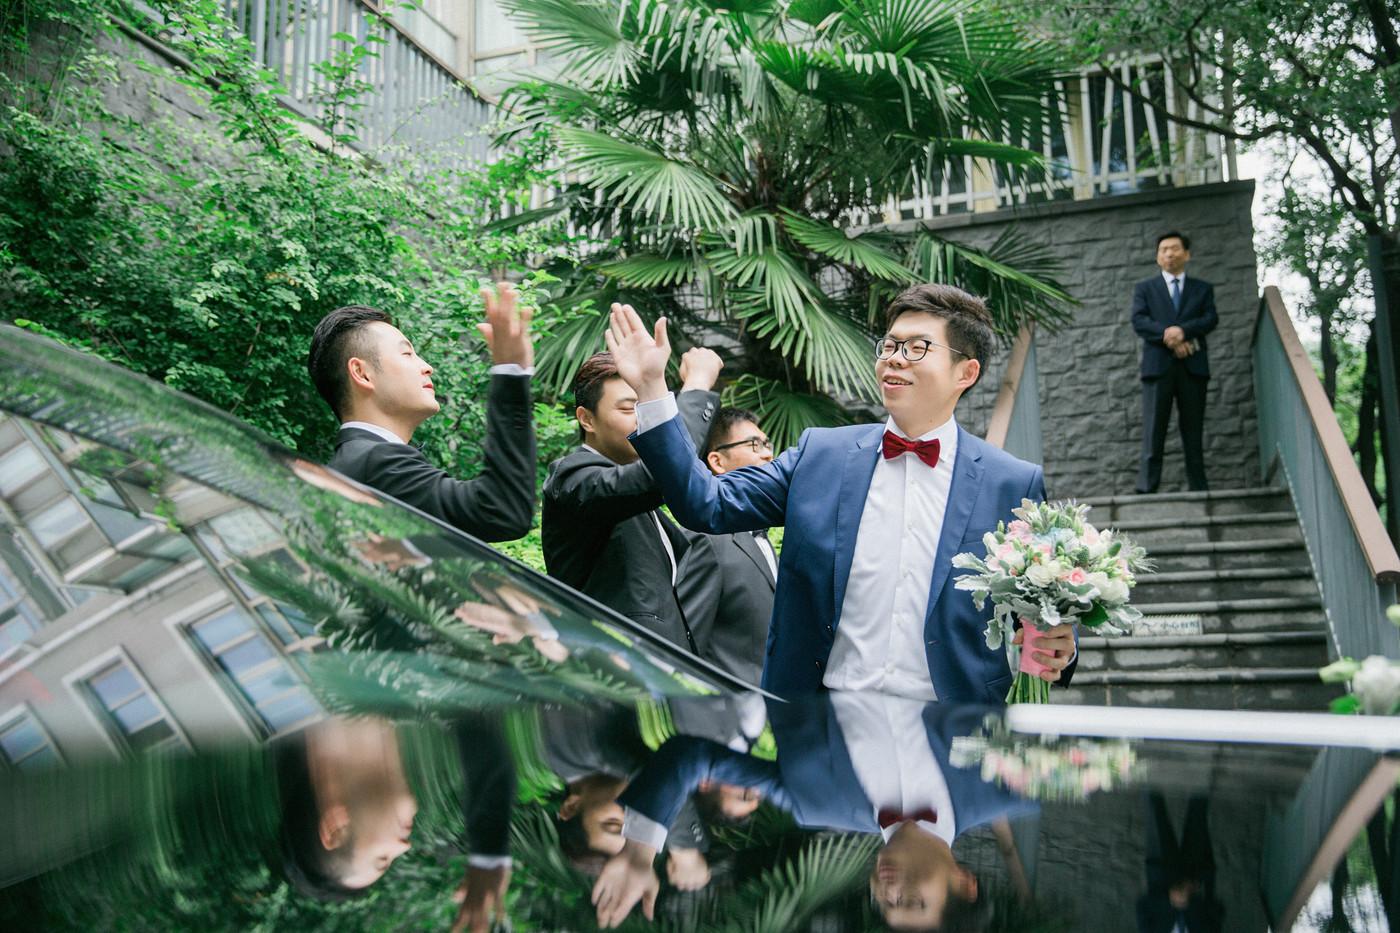 【KAI 婚礼纪实】P&S 南京婚礼19